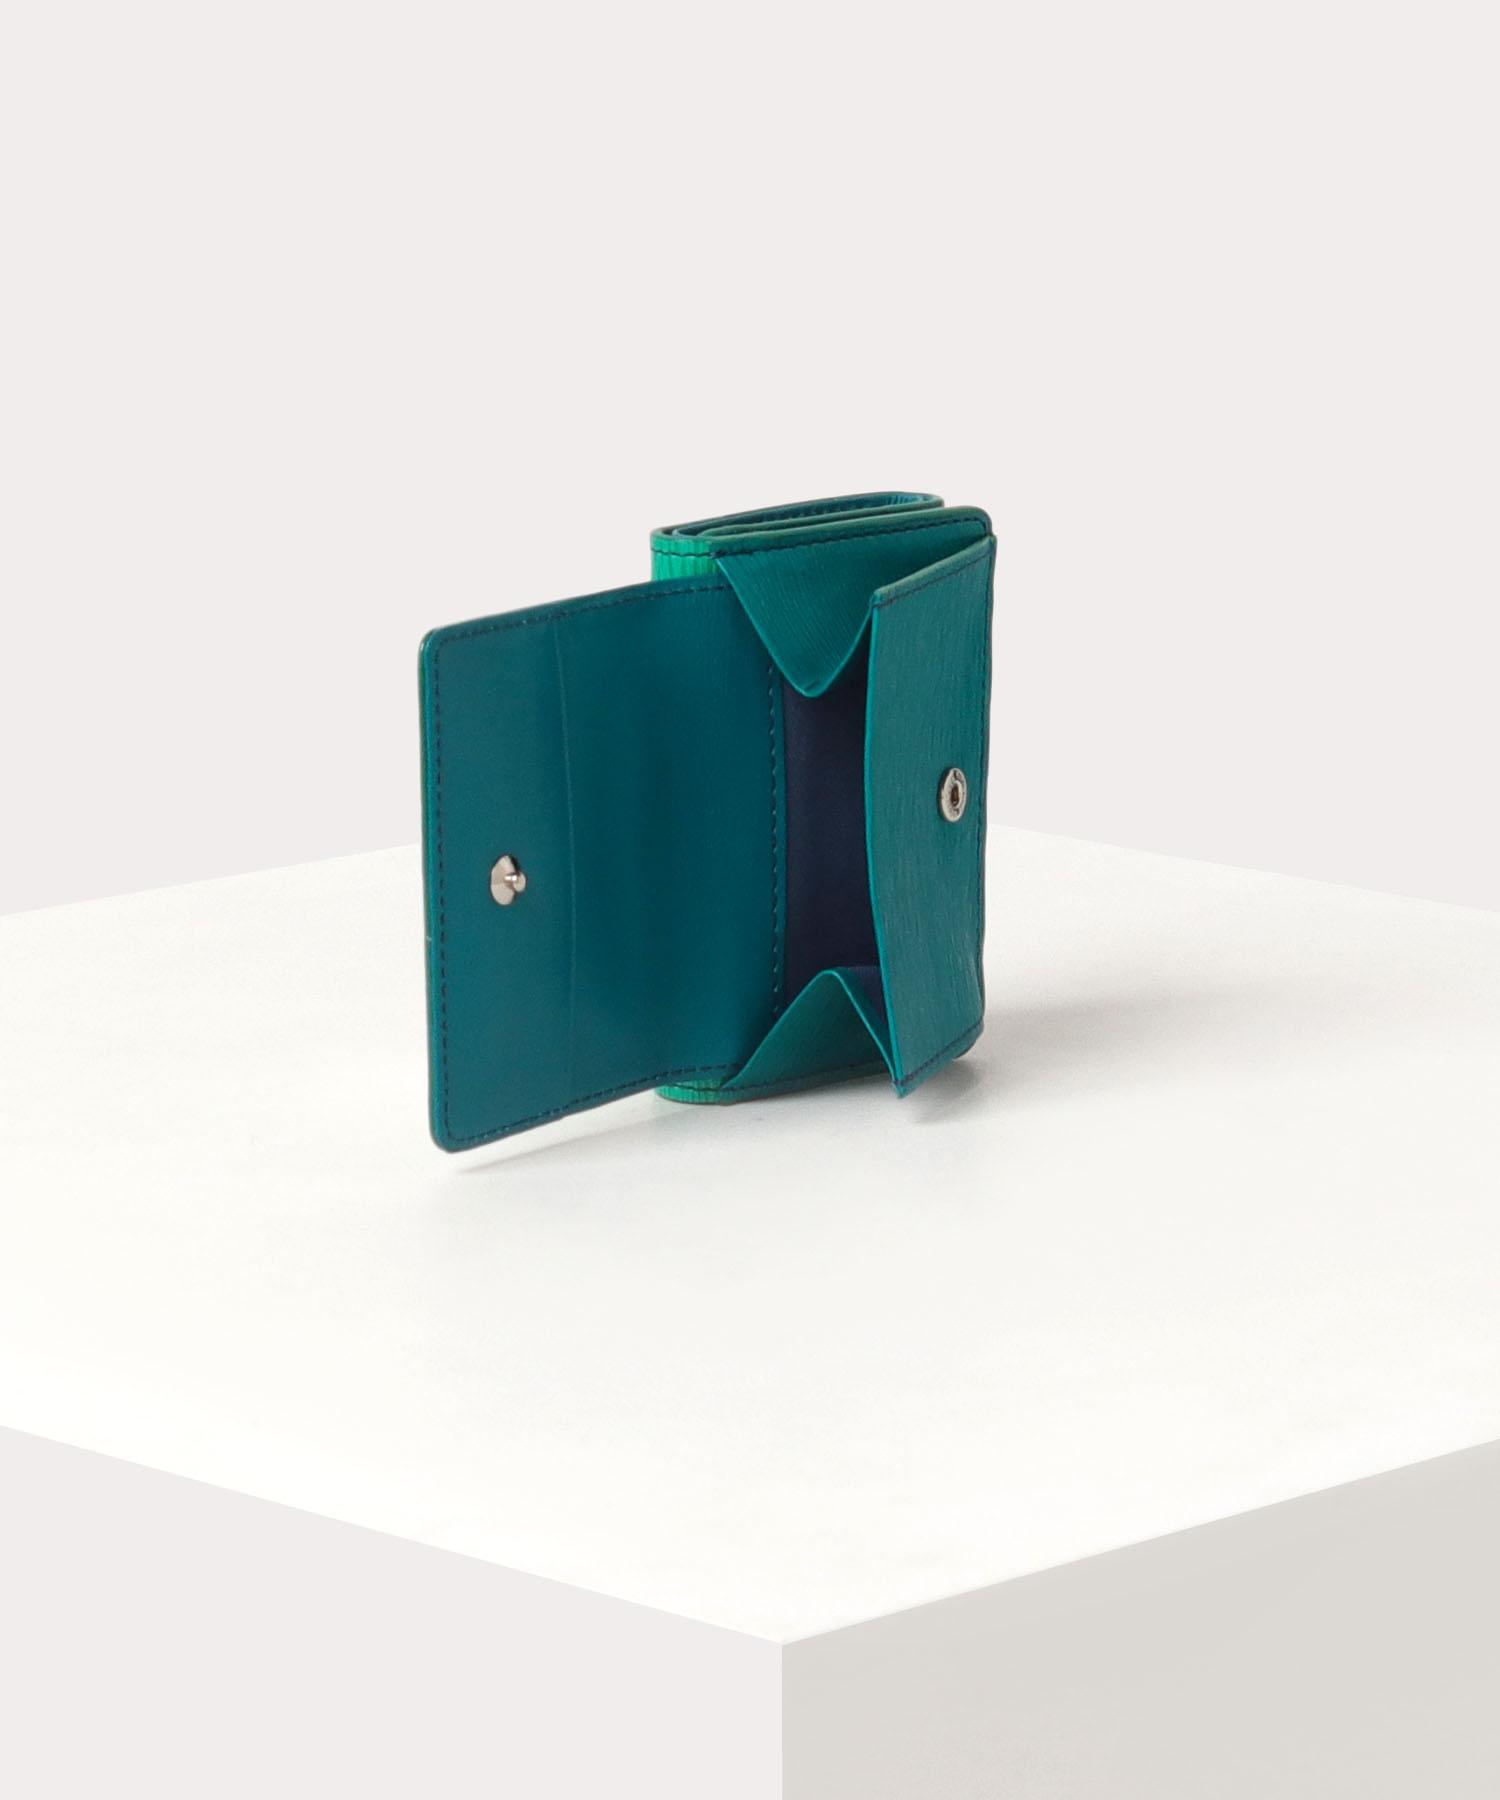 グラデーション 三つ折り財布